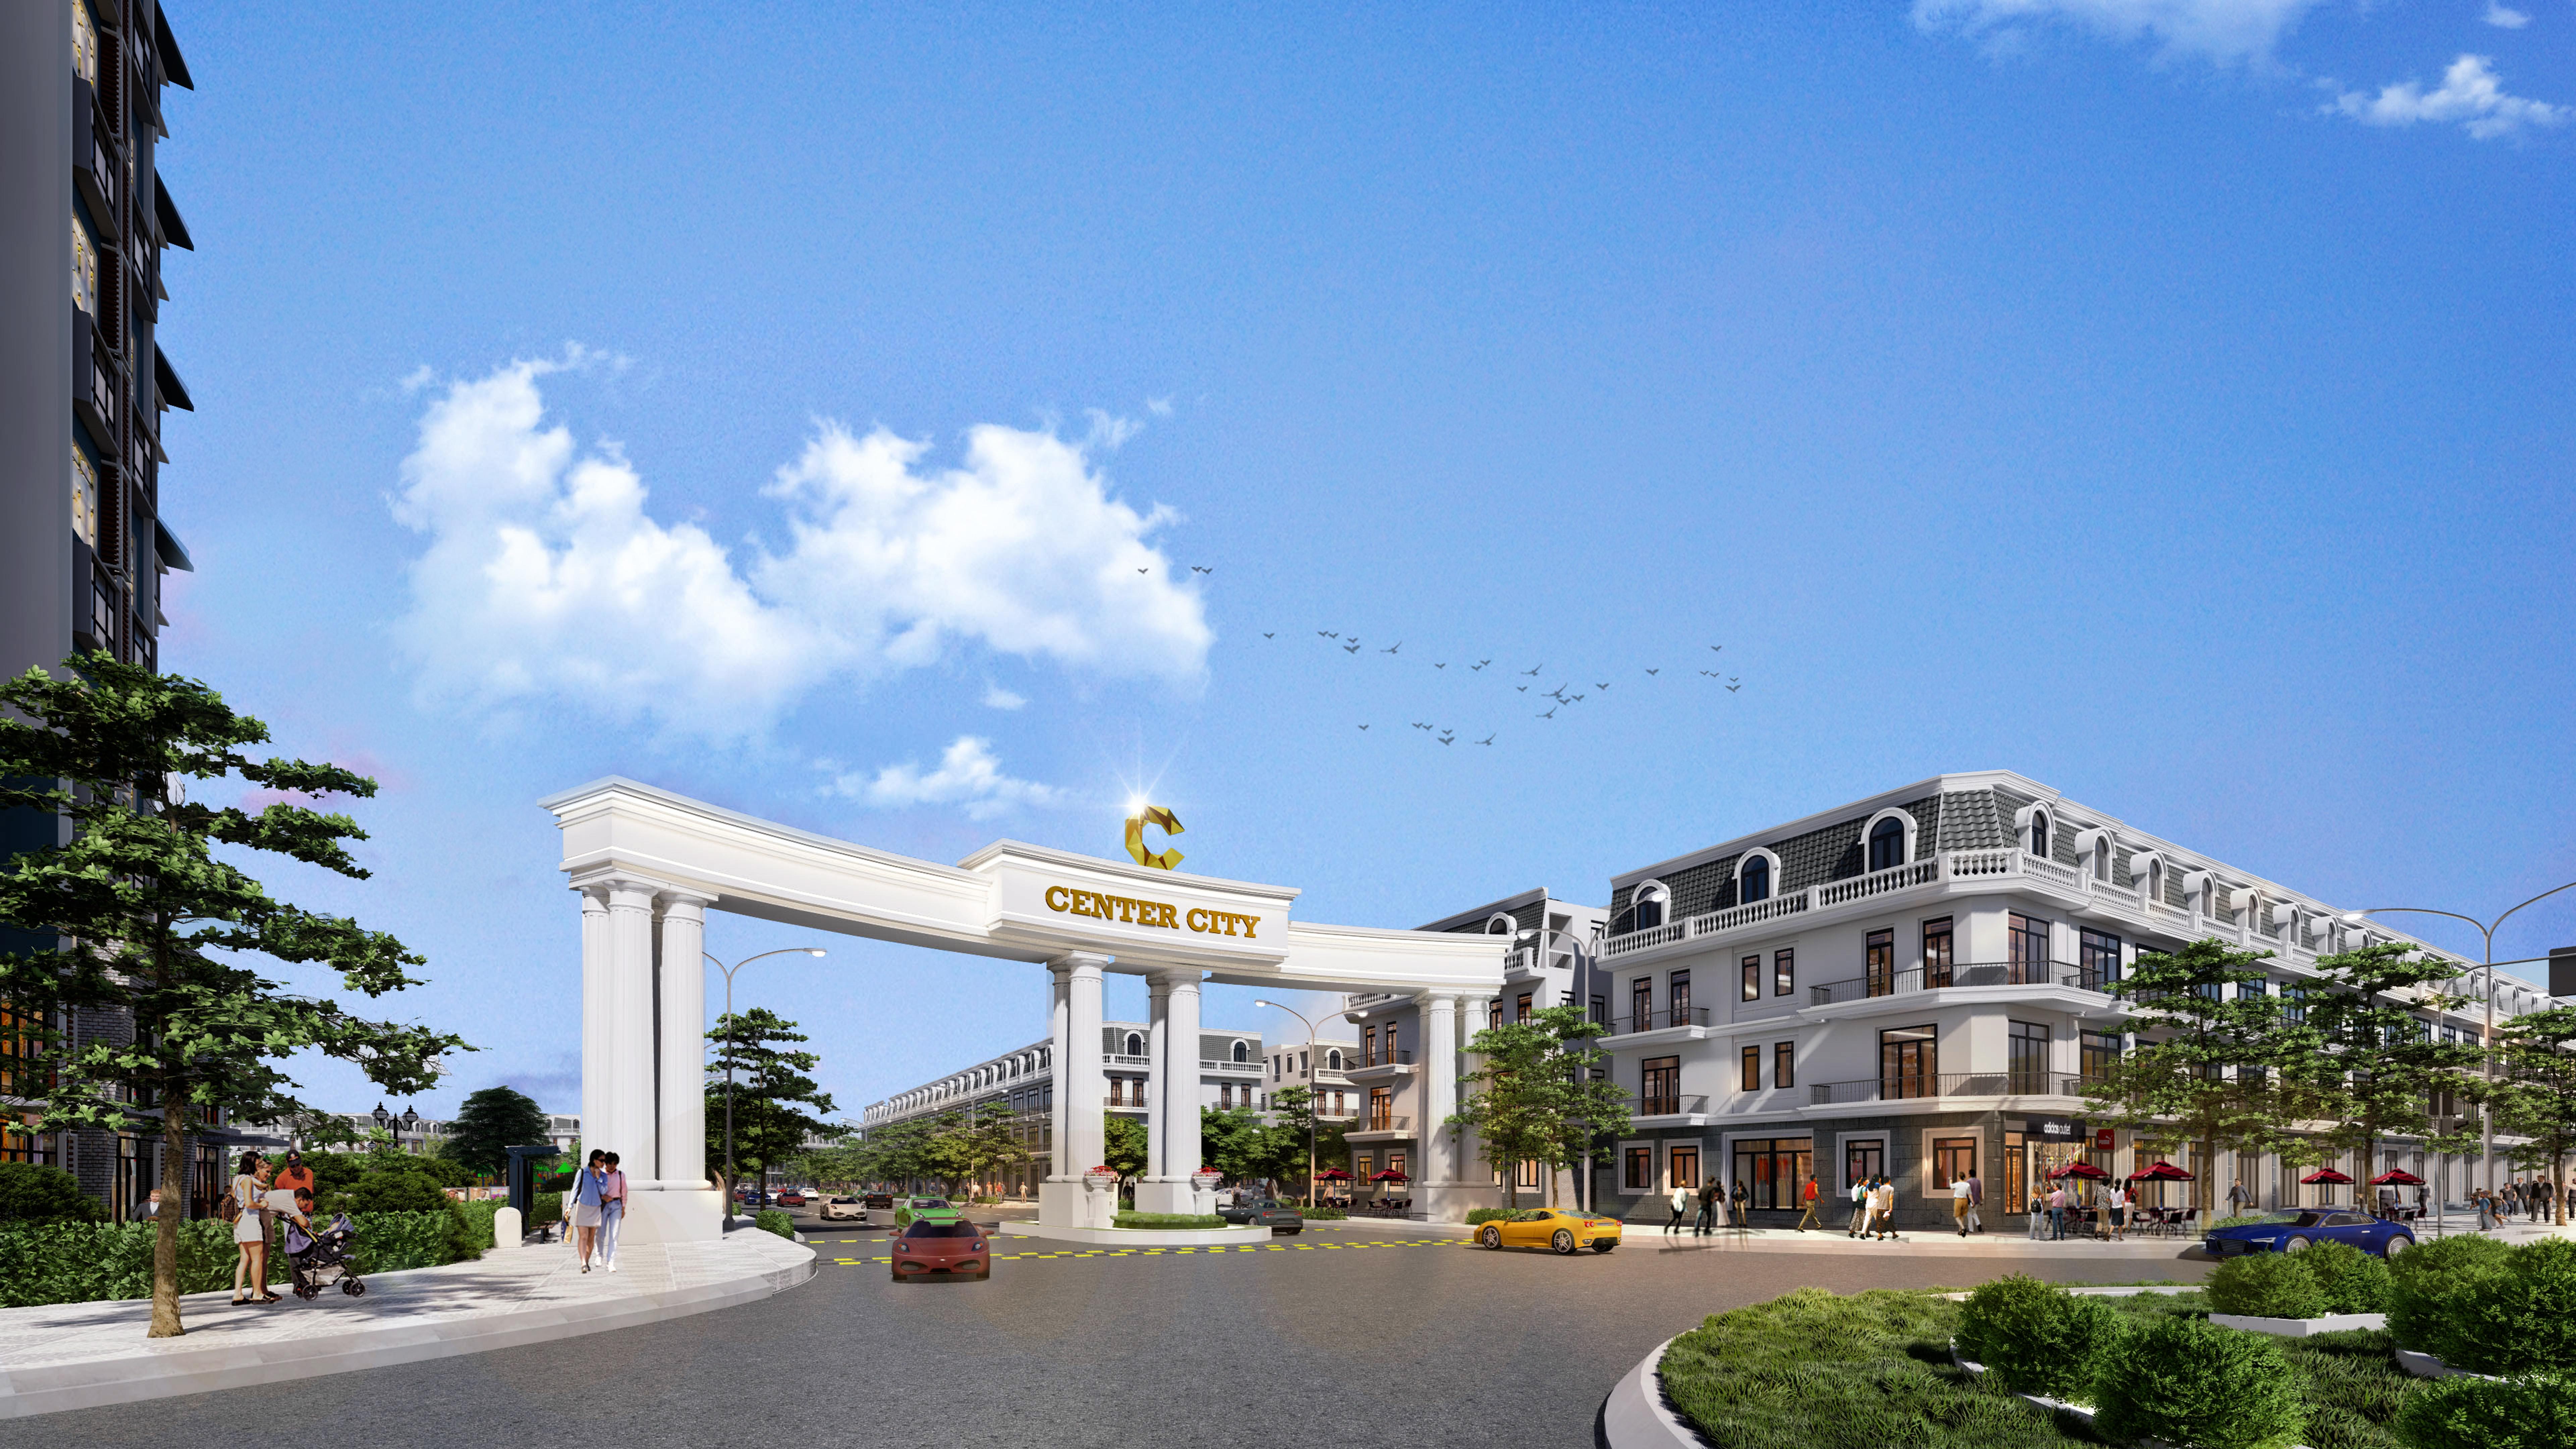 Welcome to Dự án Vinh Yen Center City 2020